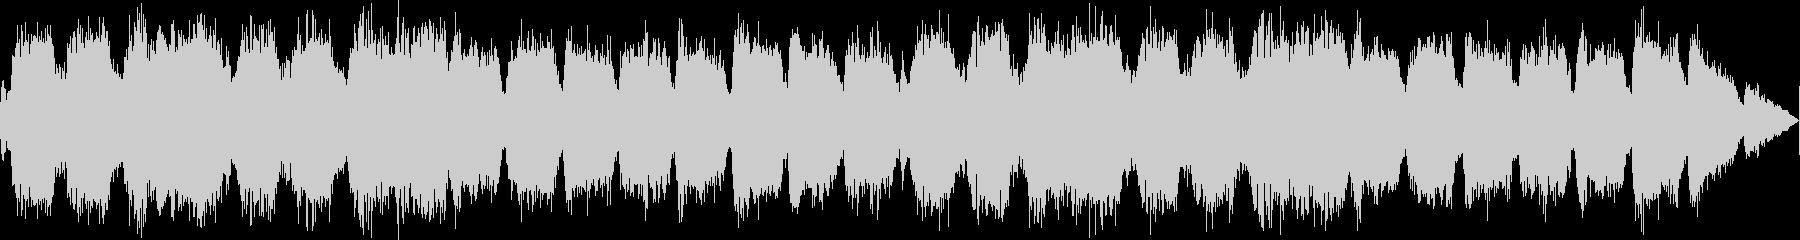 厳かな雰囲気のファンタジーコーラスBGMの未再生の波形